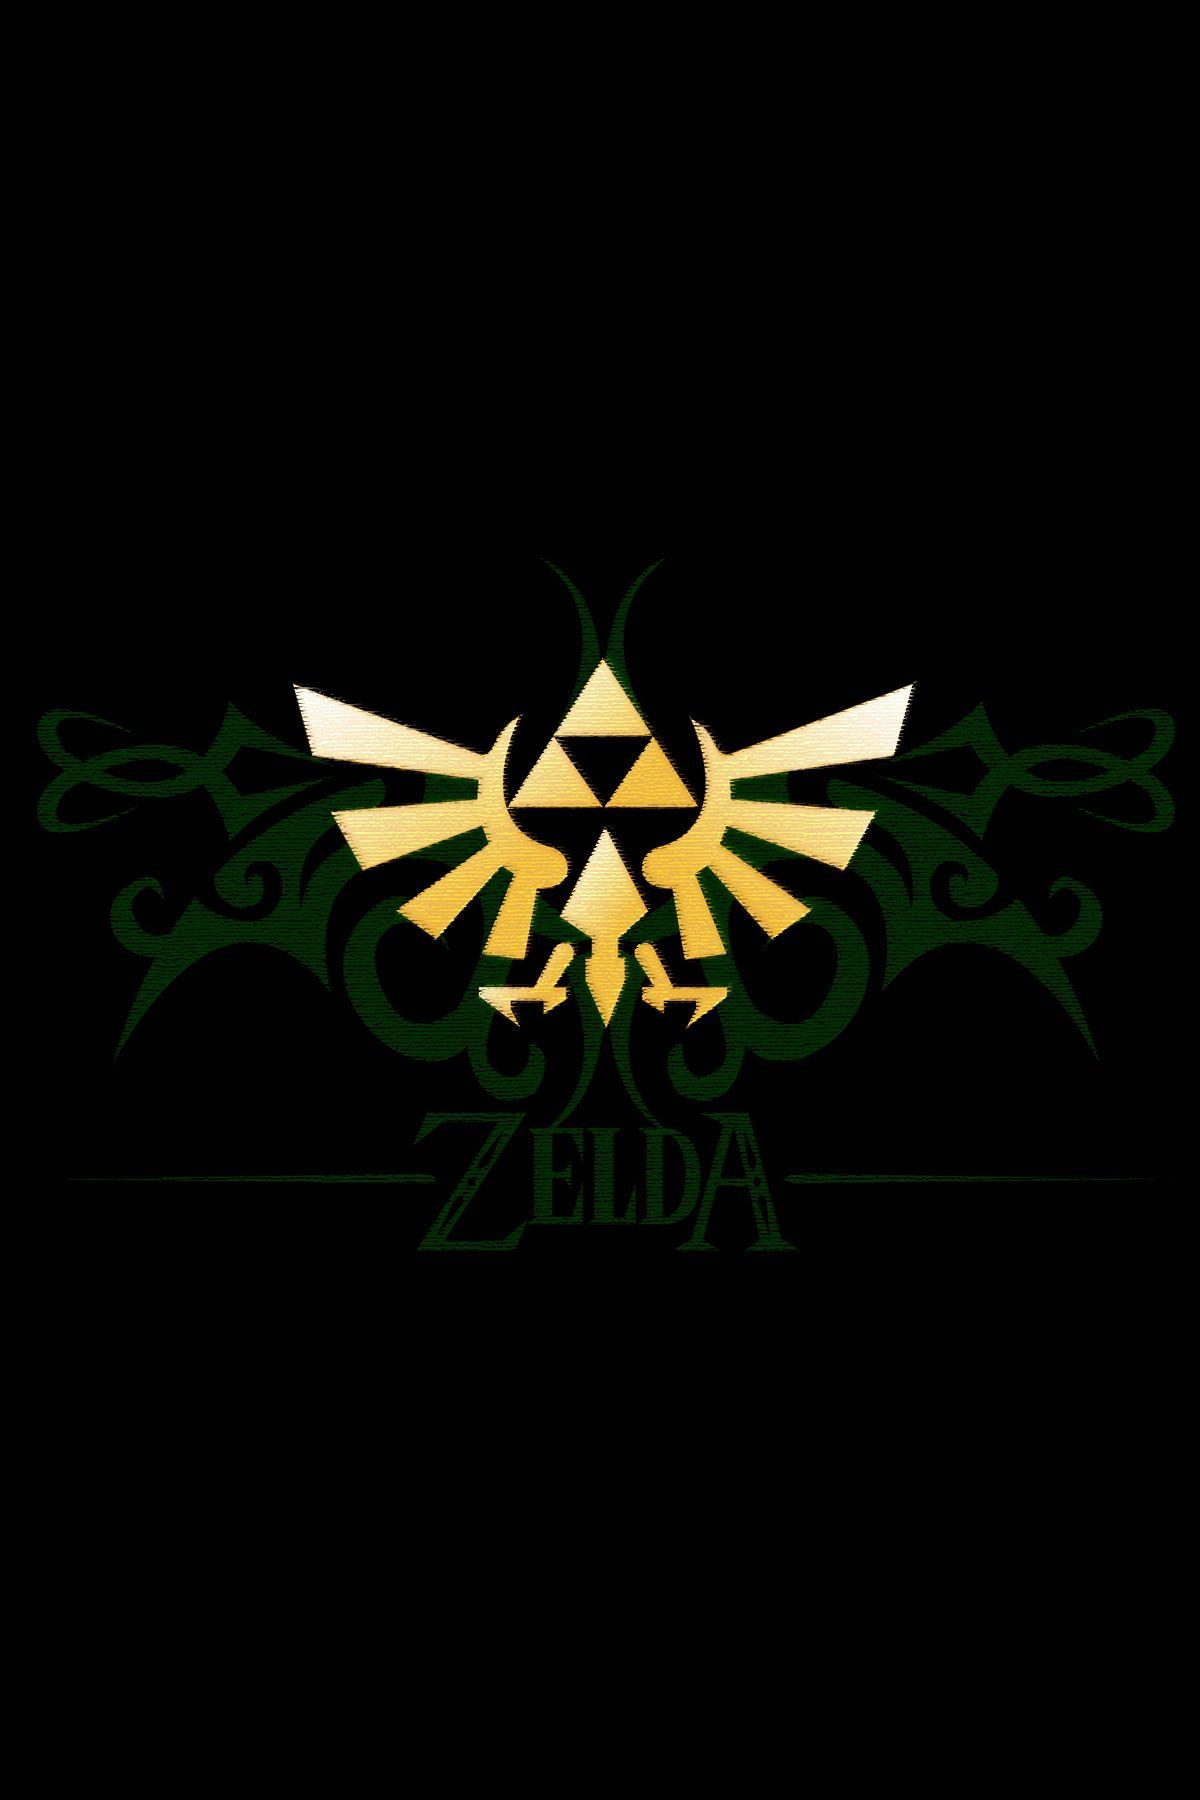 Zelda Wallpaper Android Rm Zelda Android Wallpaper